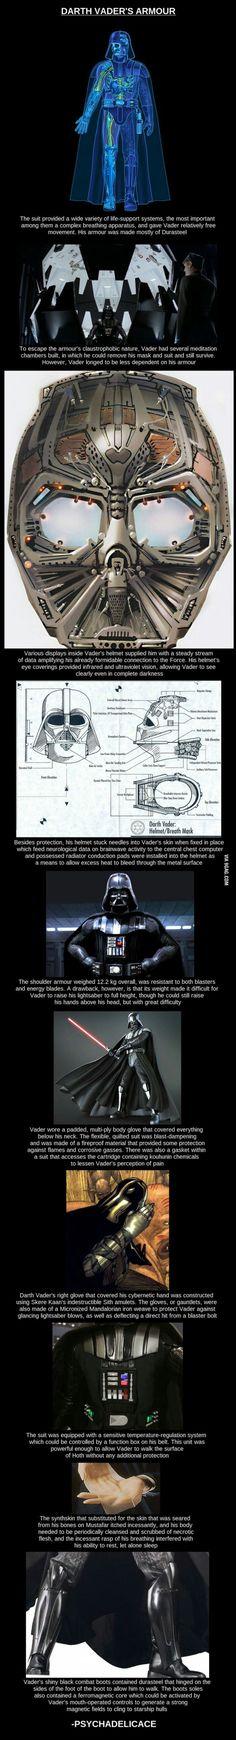 Darth Vader's armor !